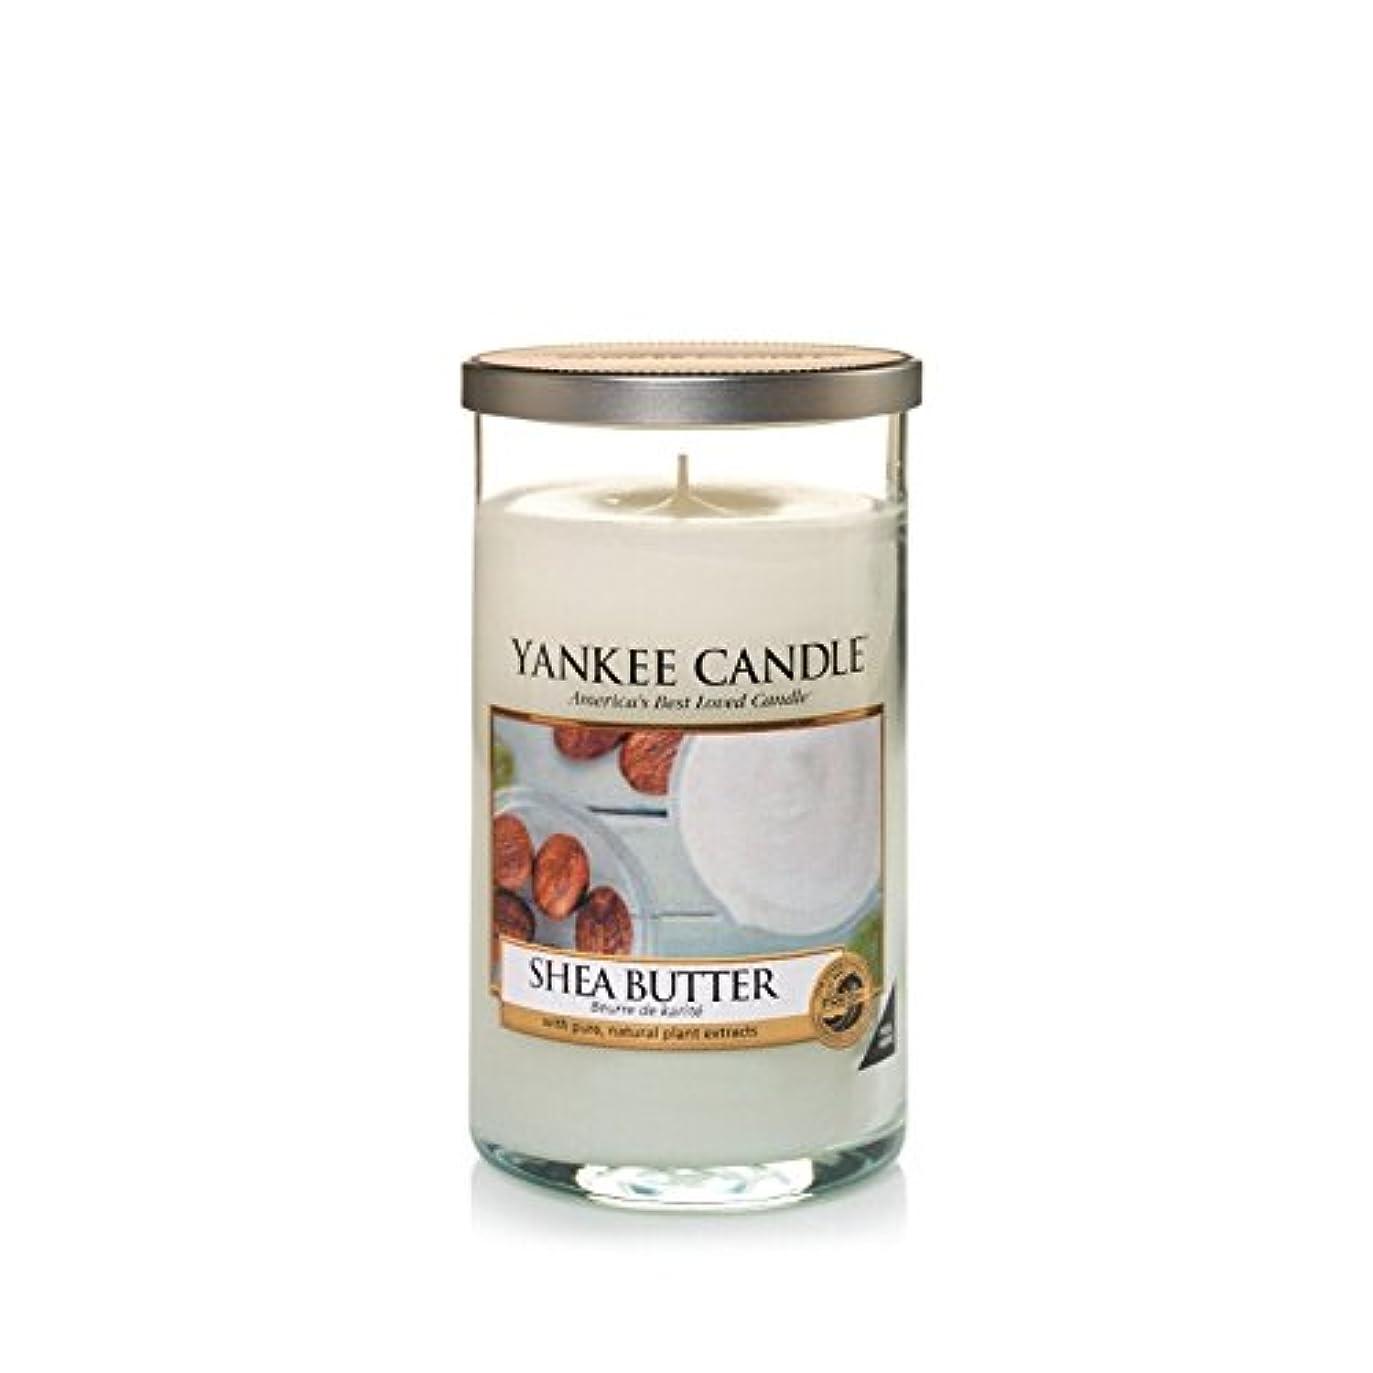 悪党混乱させる効能Yankee Candles Medium Pillar Candle - Shea Butter (Pack of 2) - ヤンキーキャンドルメディアピラーキャンドル - シアバター (x2) [並行輸入品]